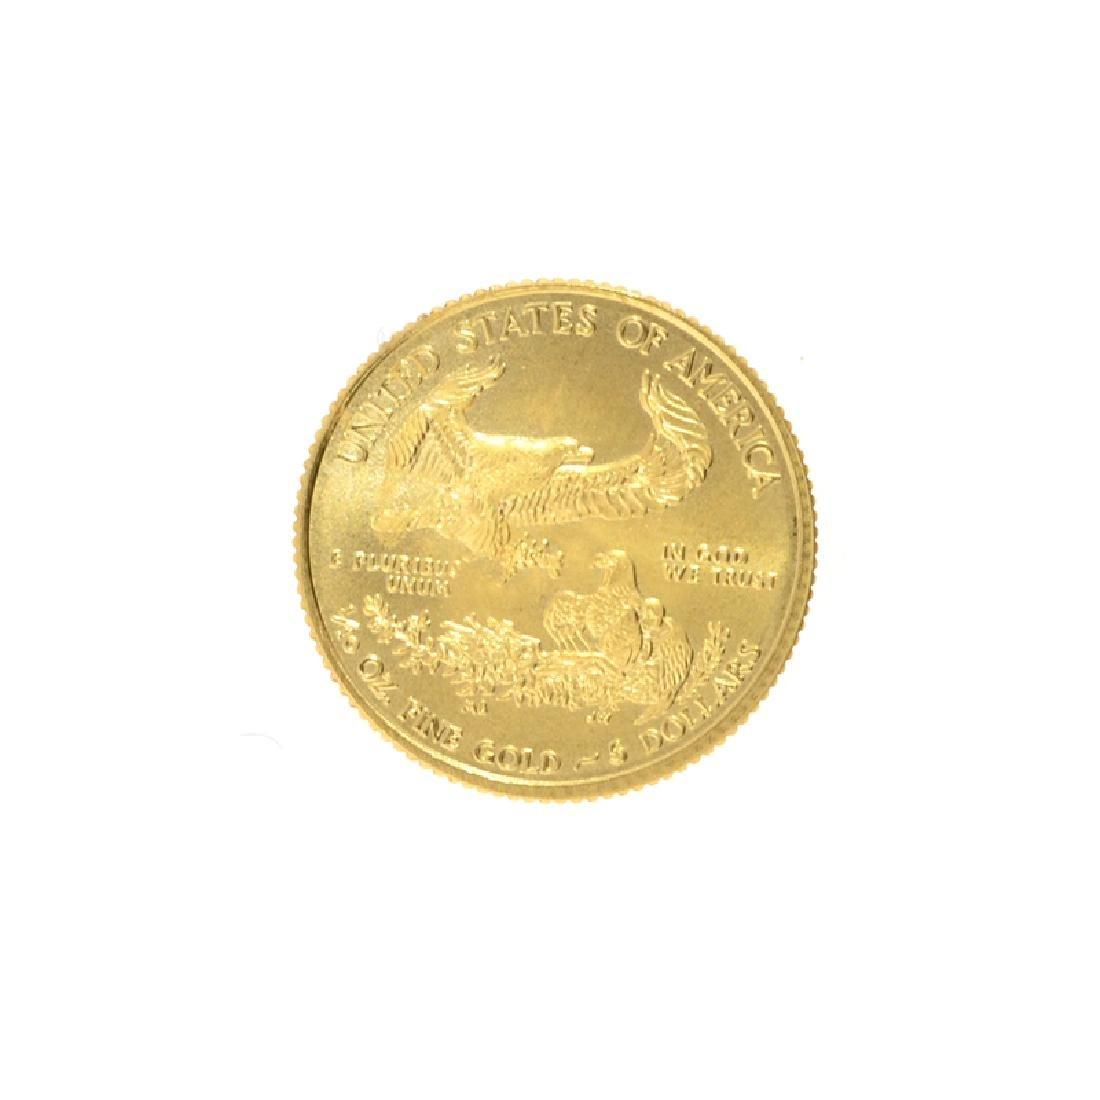 2016 1/10 oz. American Gold Eagle Coin - 2